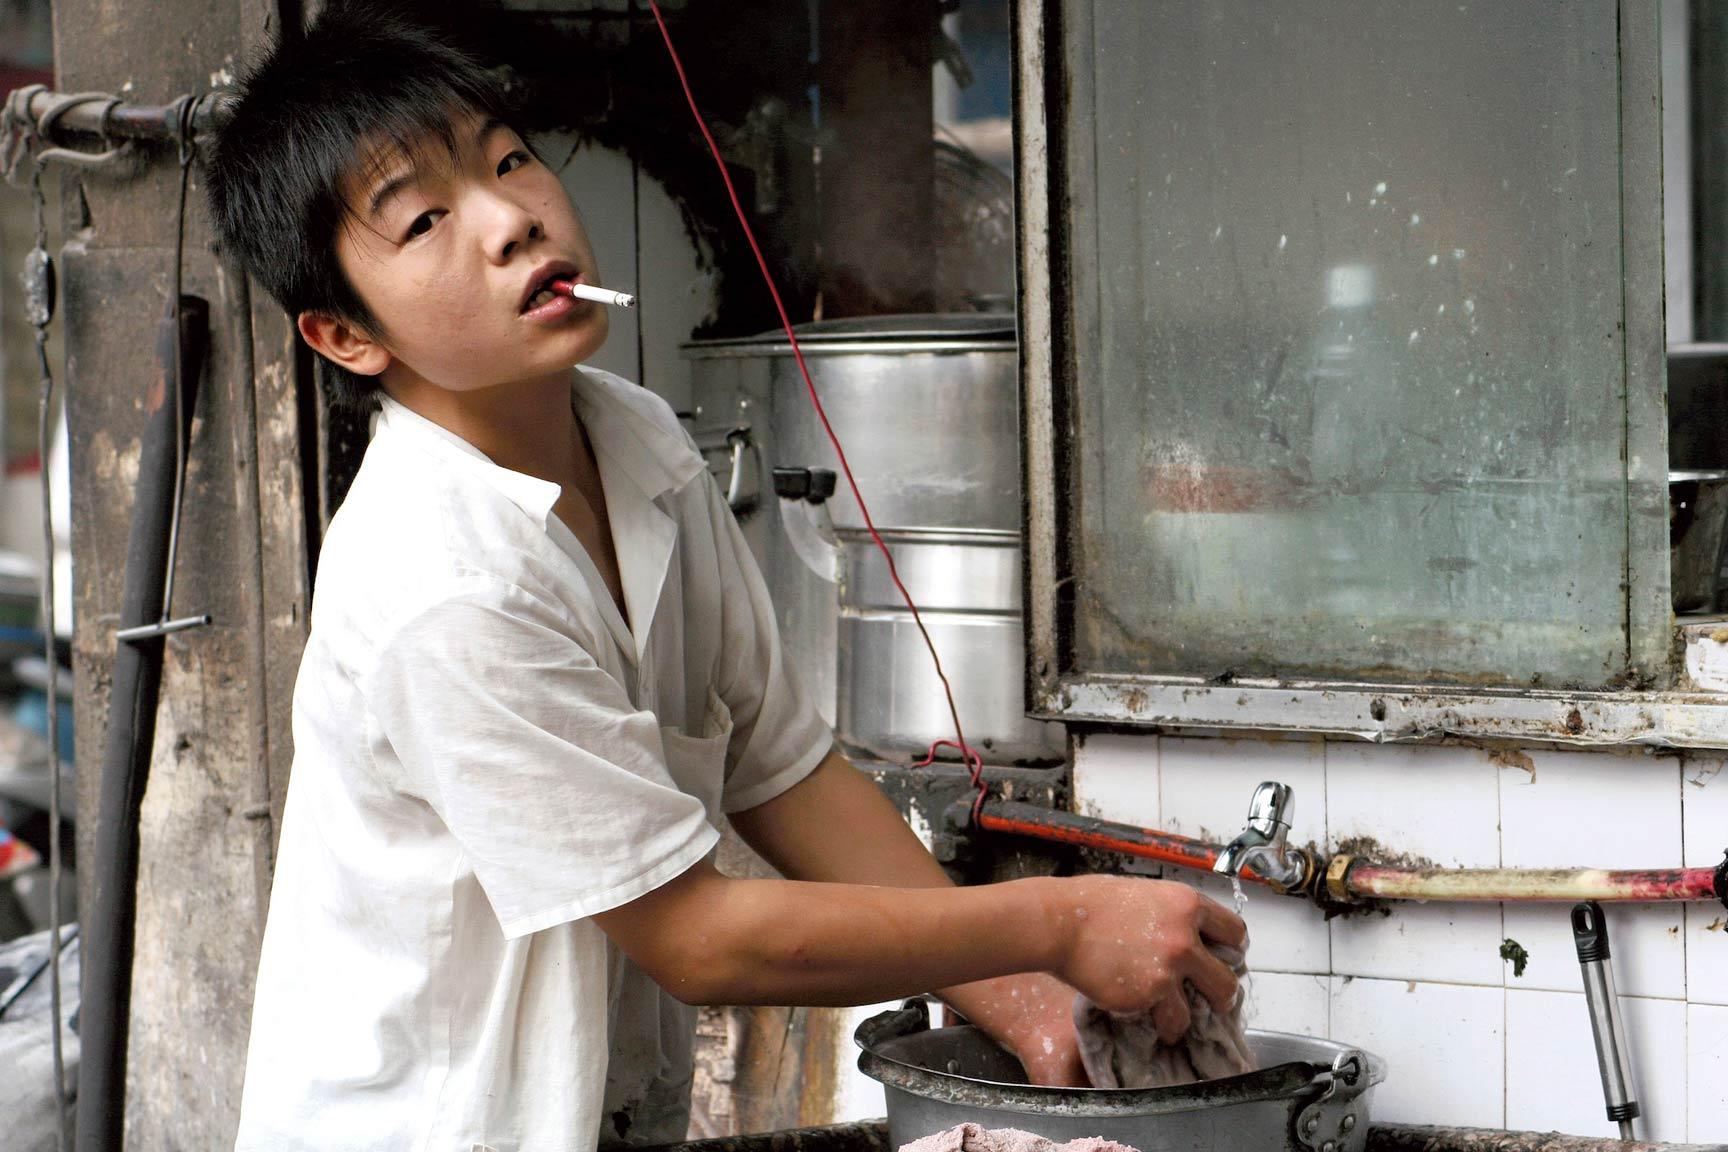 Shanghai Smoker